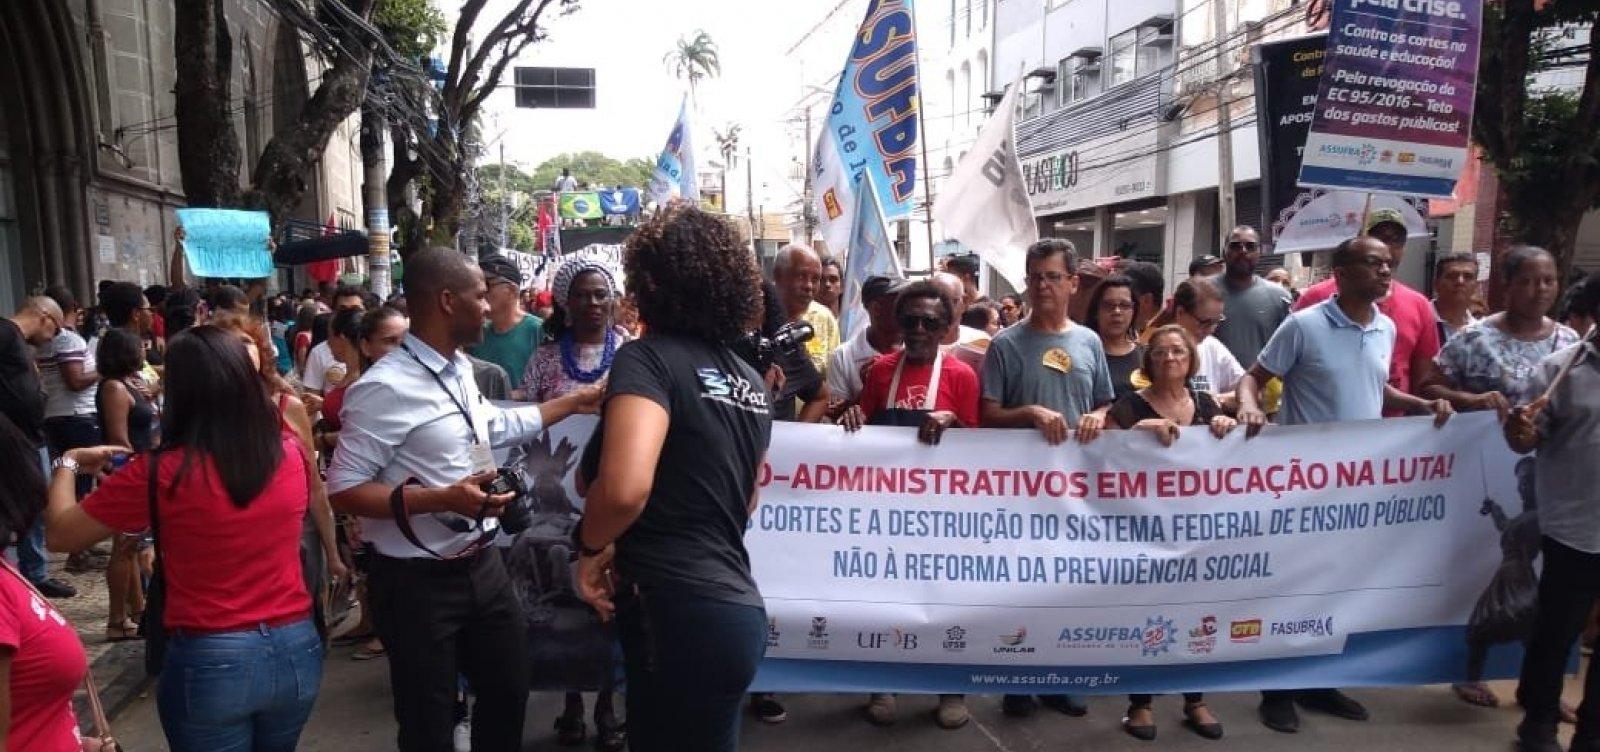 [Protesto contra reforma e bloqueios na Educação complica trânsito no Centro]